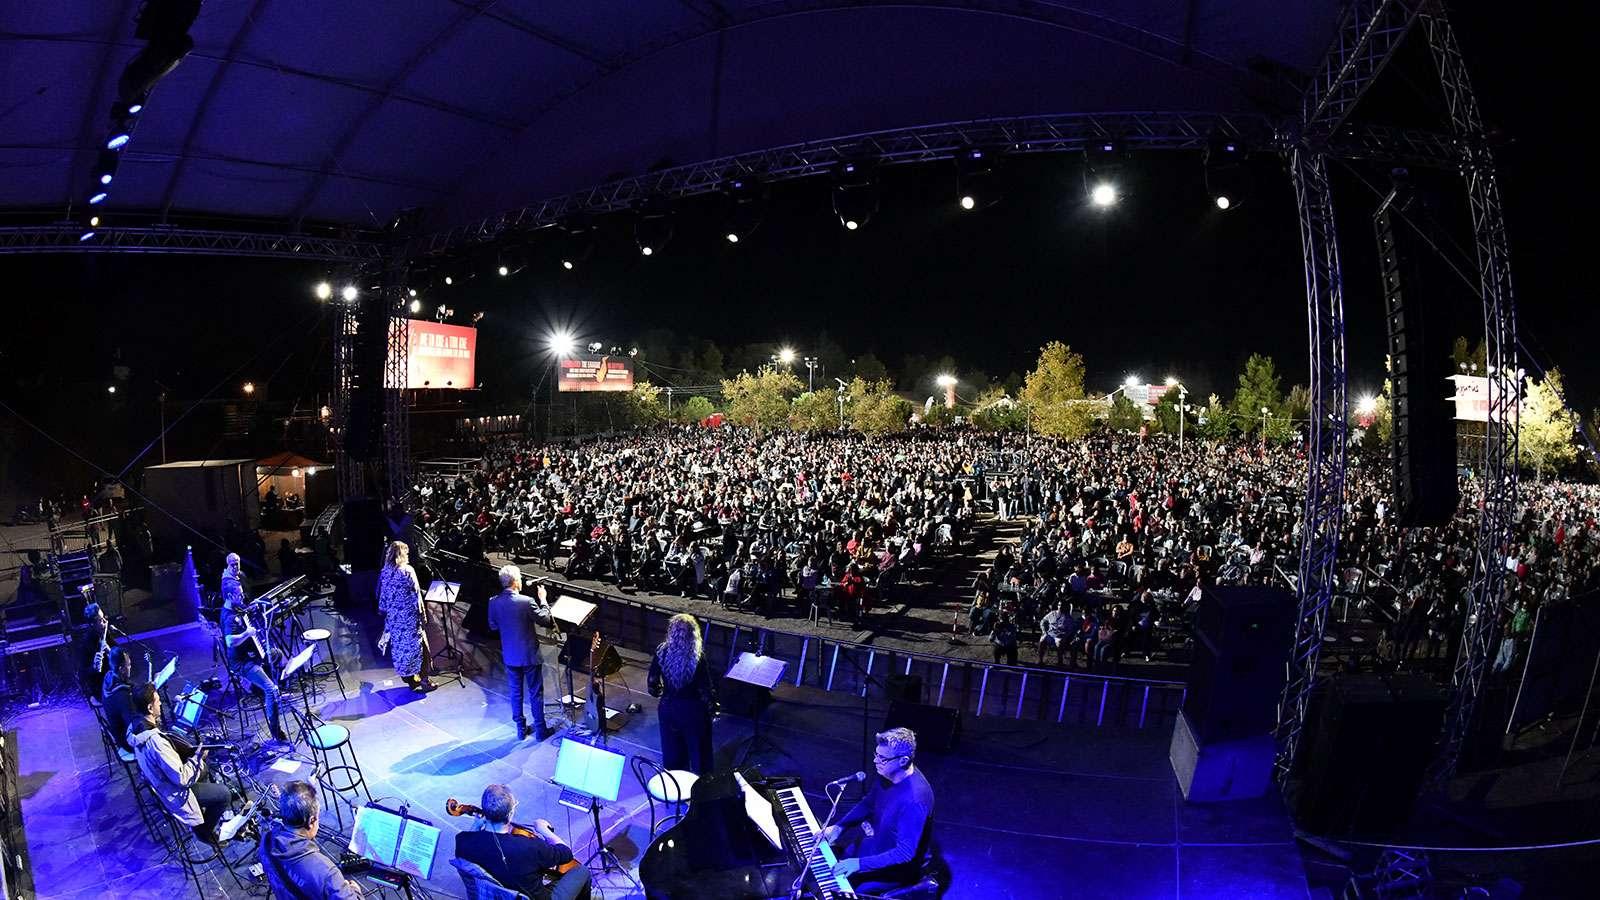 47ο Φεστιβάλ ΚΝΕ ΟΔΗΓΗΤΗ Μια μεγάλη συναυλία αφιερωμένη στον Μίκη